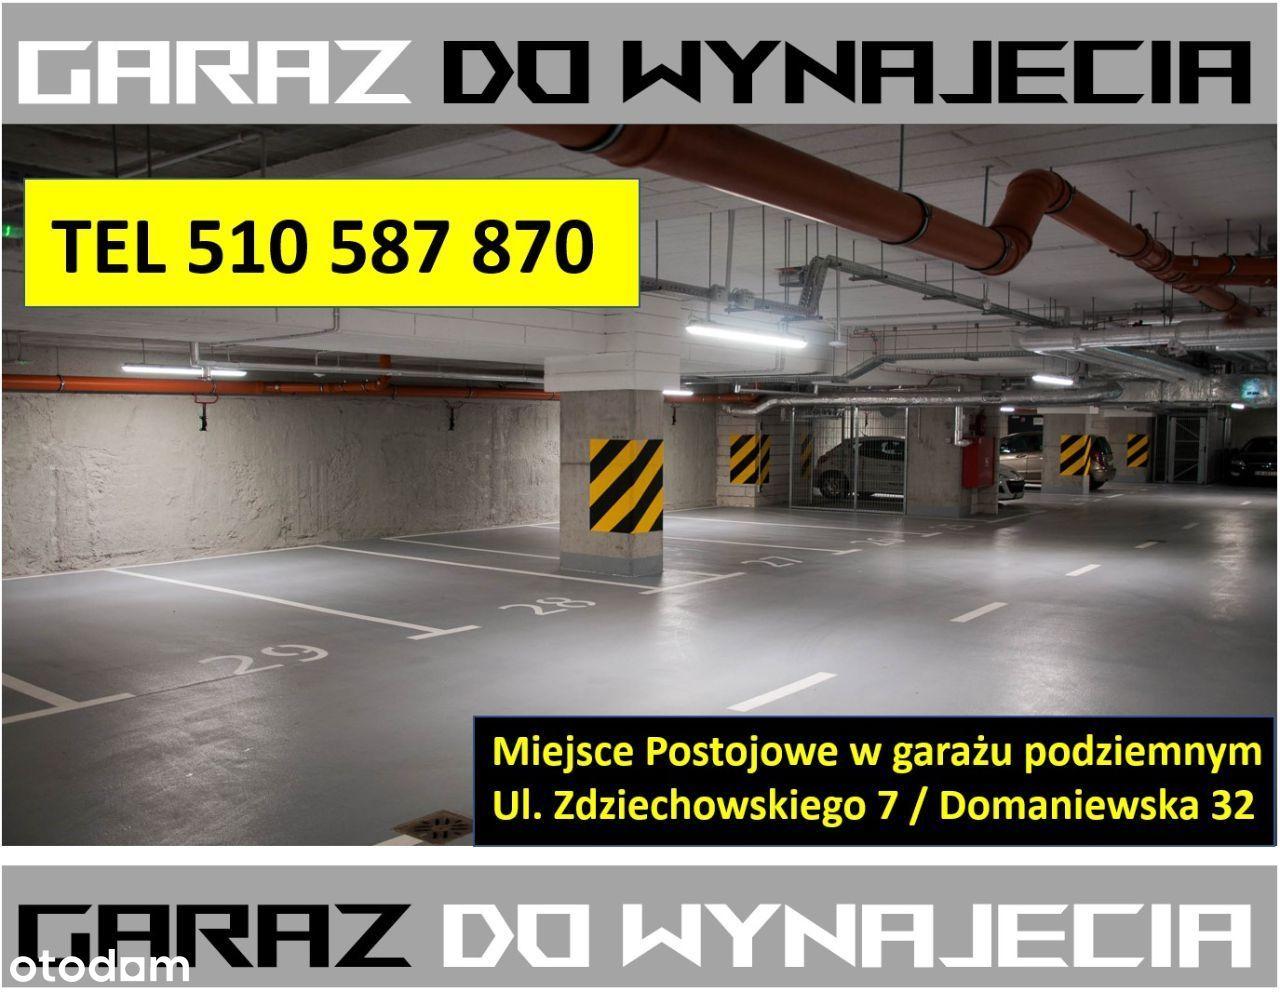 Garaż: Mokotów / Domaniewska 32 – do wynajęcia